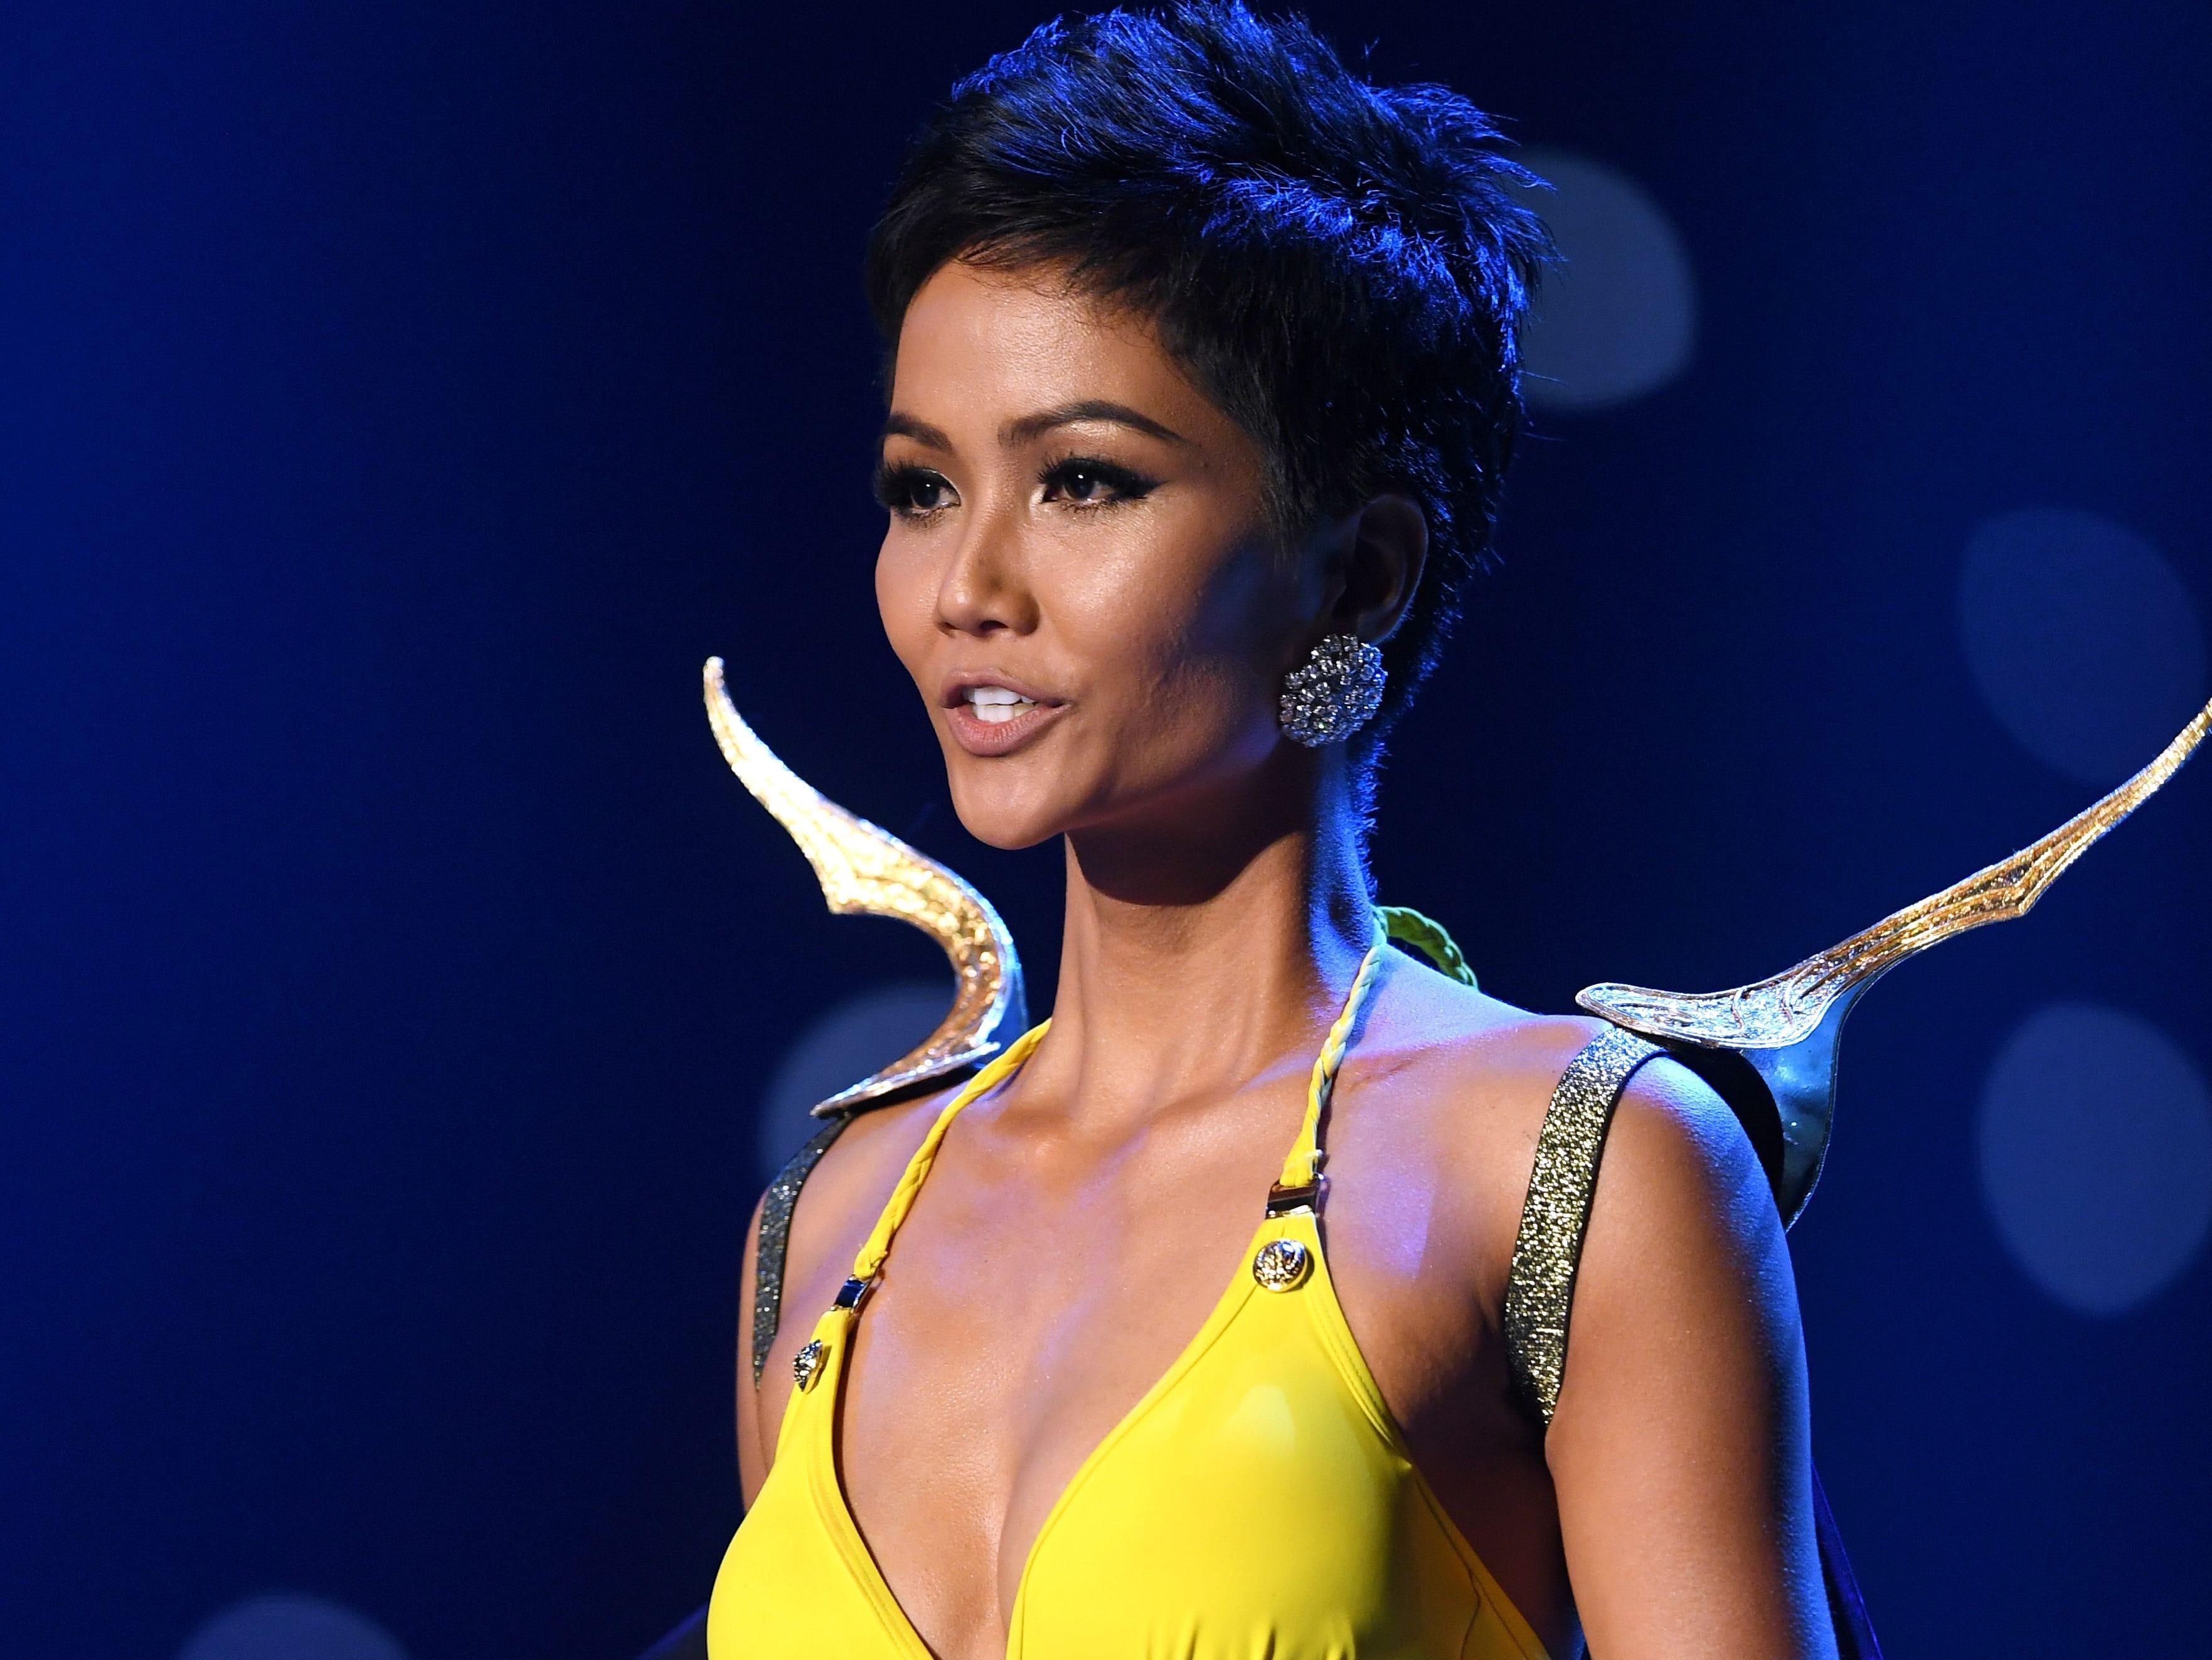 H'Hen Nie, de Vietnam, en el desfile de traje de baño del concurso Miss Universo de 2018 en Bangkok el 17 de diciembre de 2018.